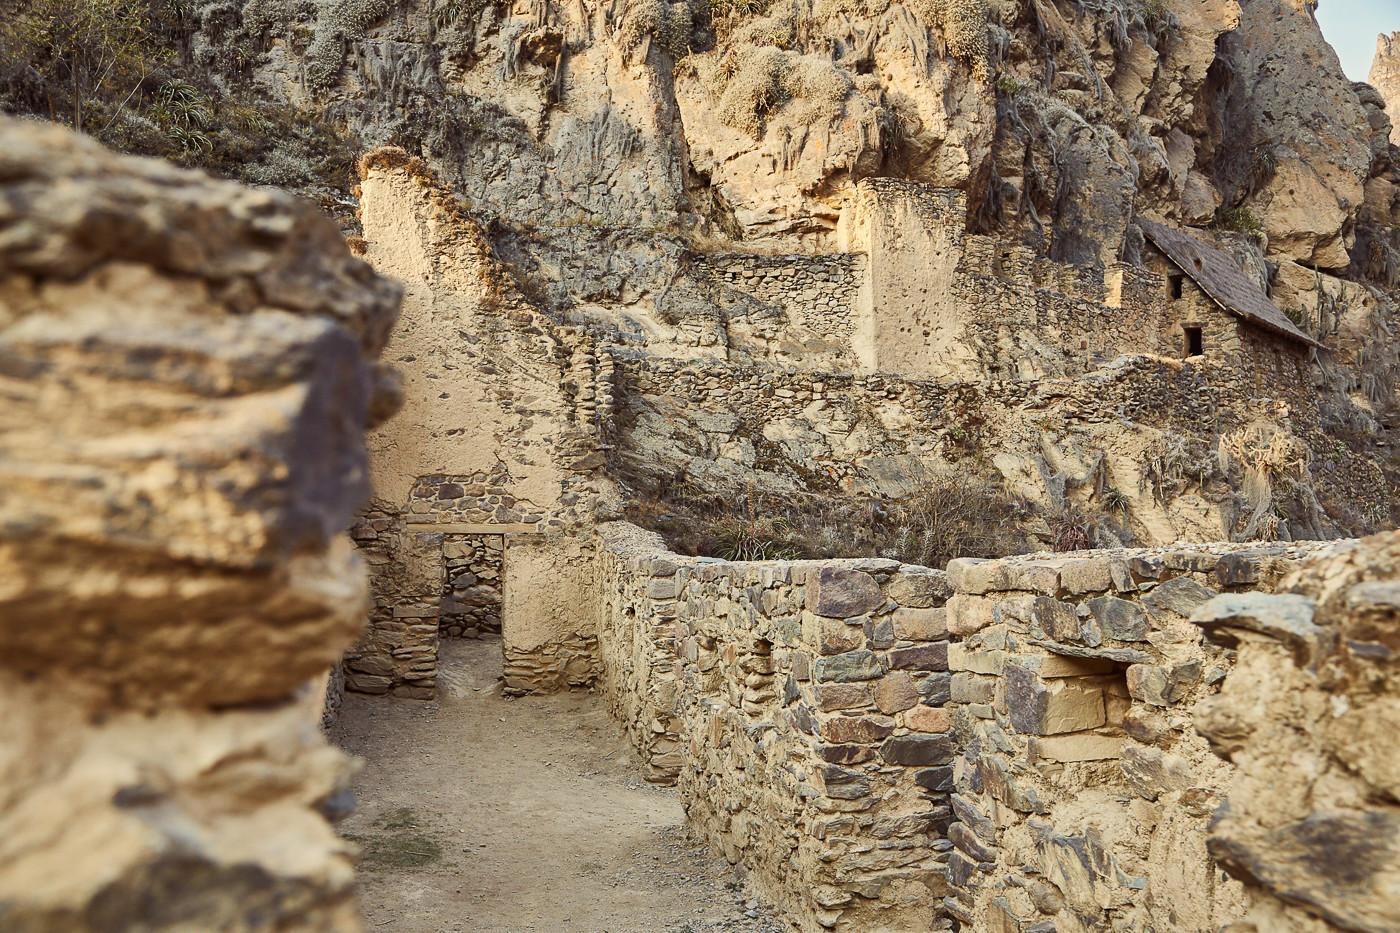 Die Inka Festung von Ollantaytambo ist noch immer sehr gut erhalten und nicht so stark besucht wie Machu Picchu